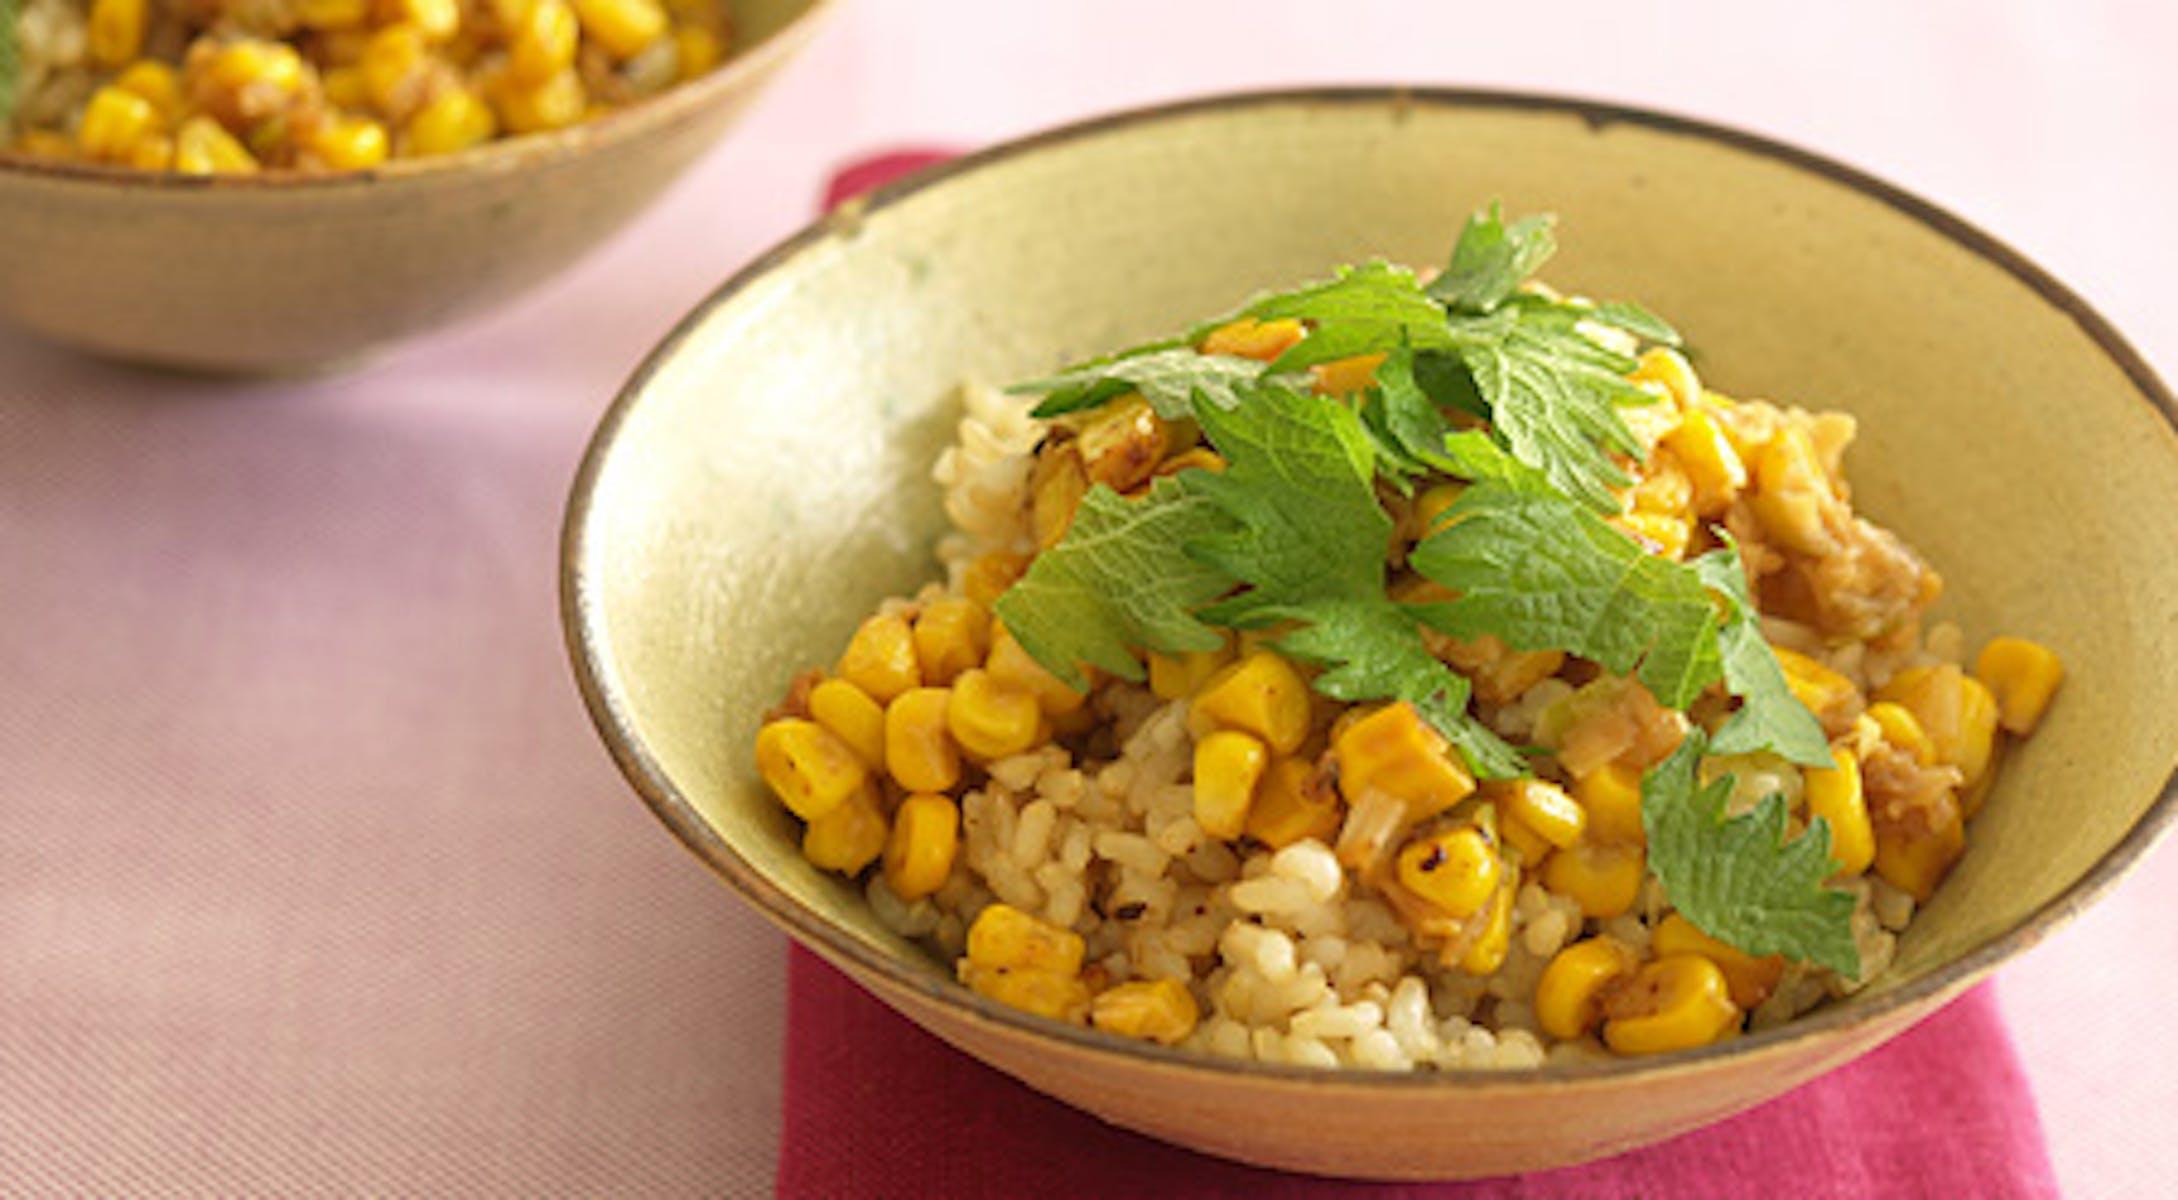 コーンの生姜みそ炒め乗せ玄米ごはん